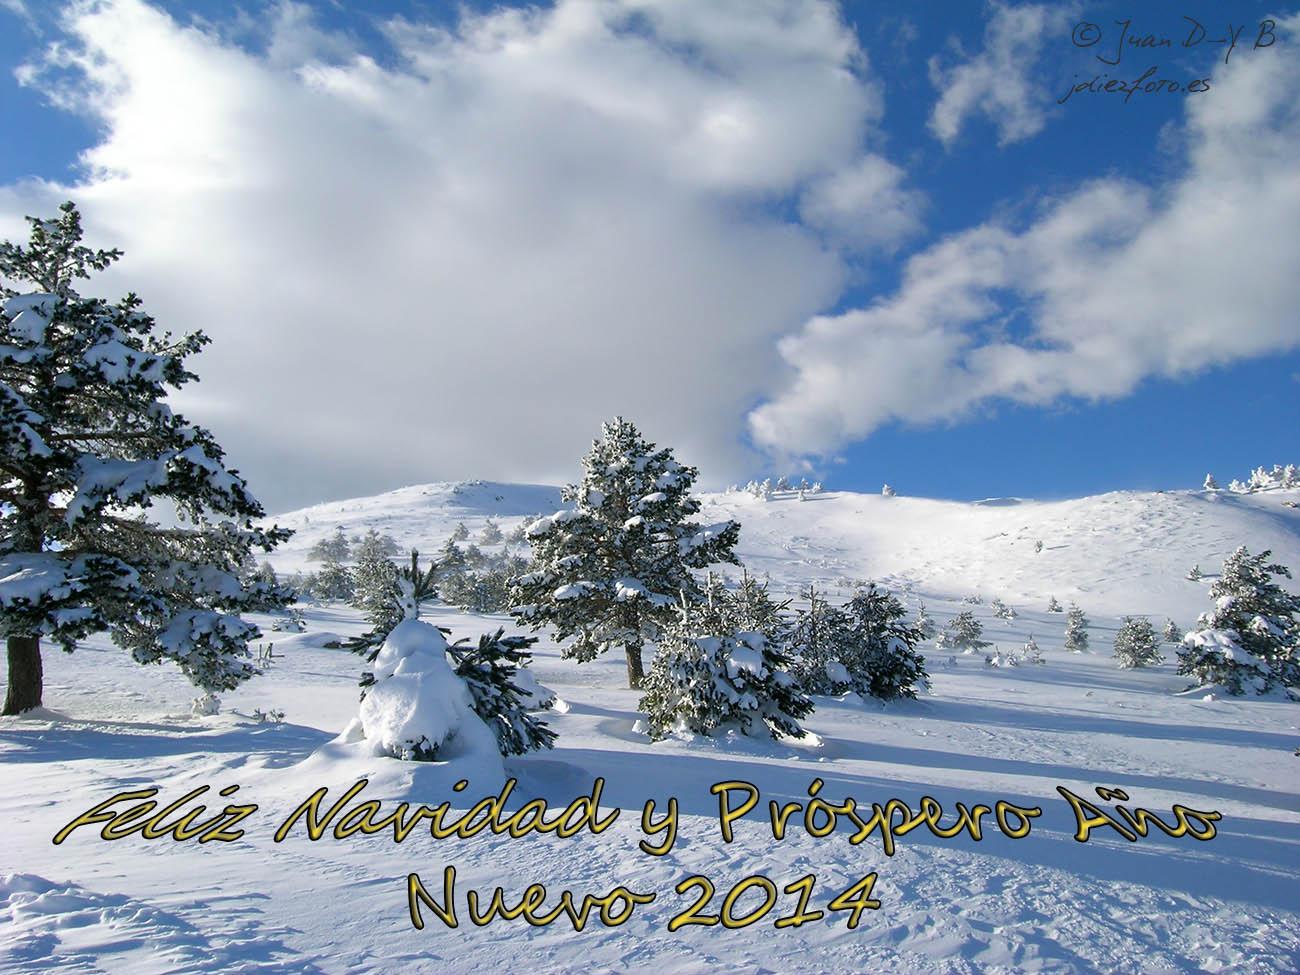 ¡ Feliz Navidad y Próspero Año Nuevo 2014 !